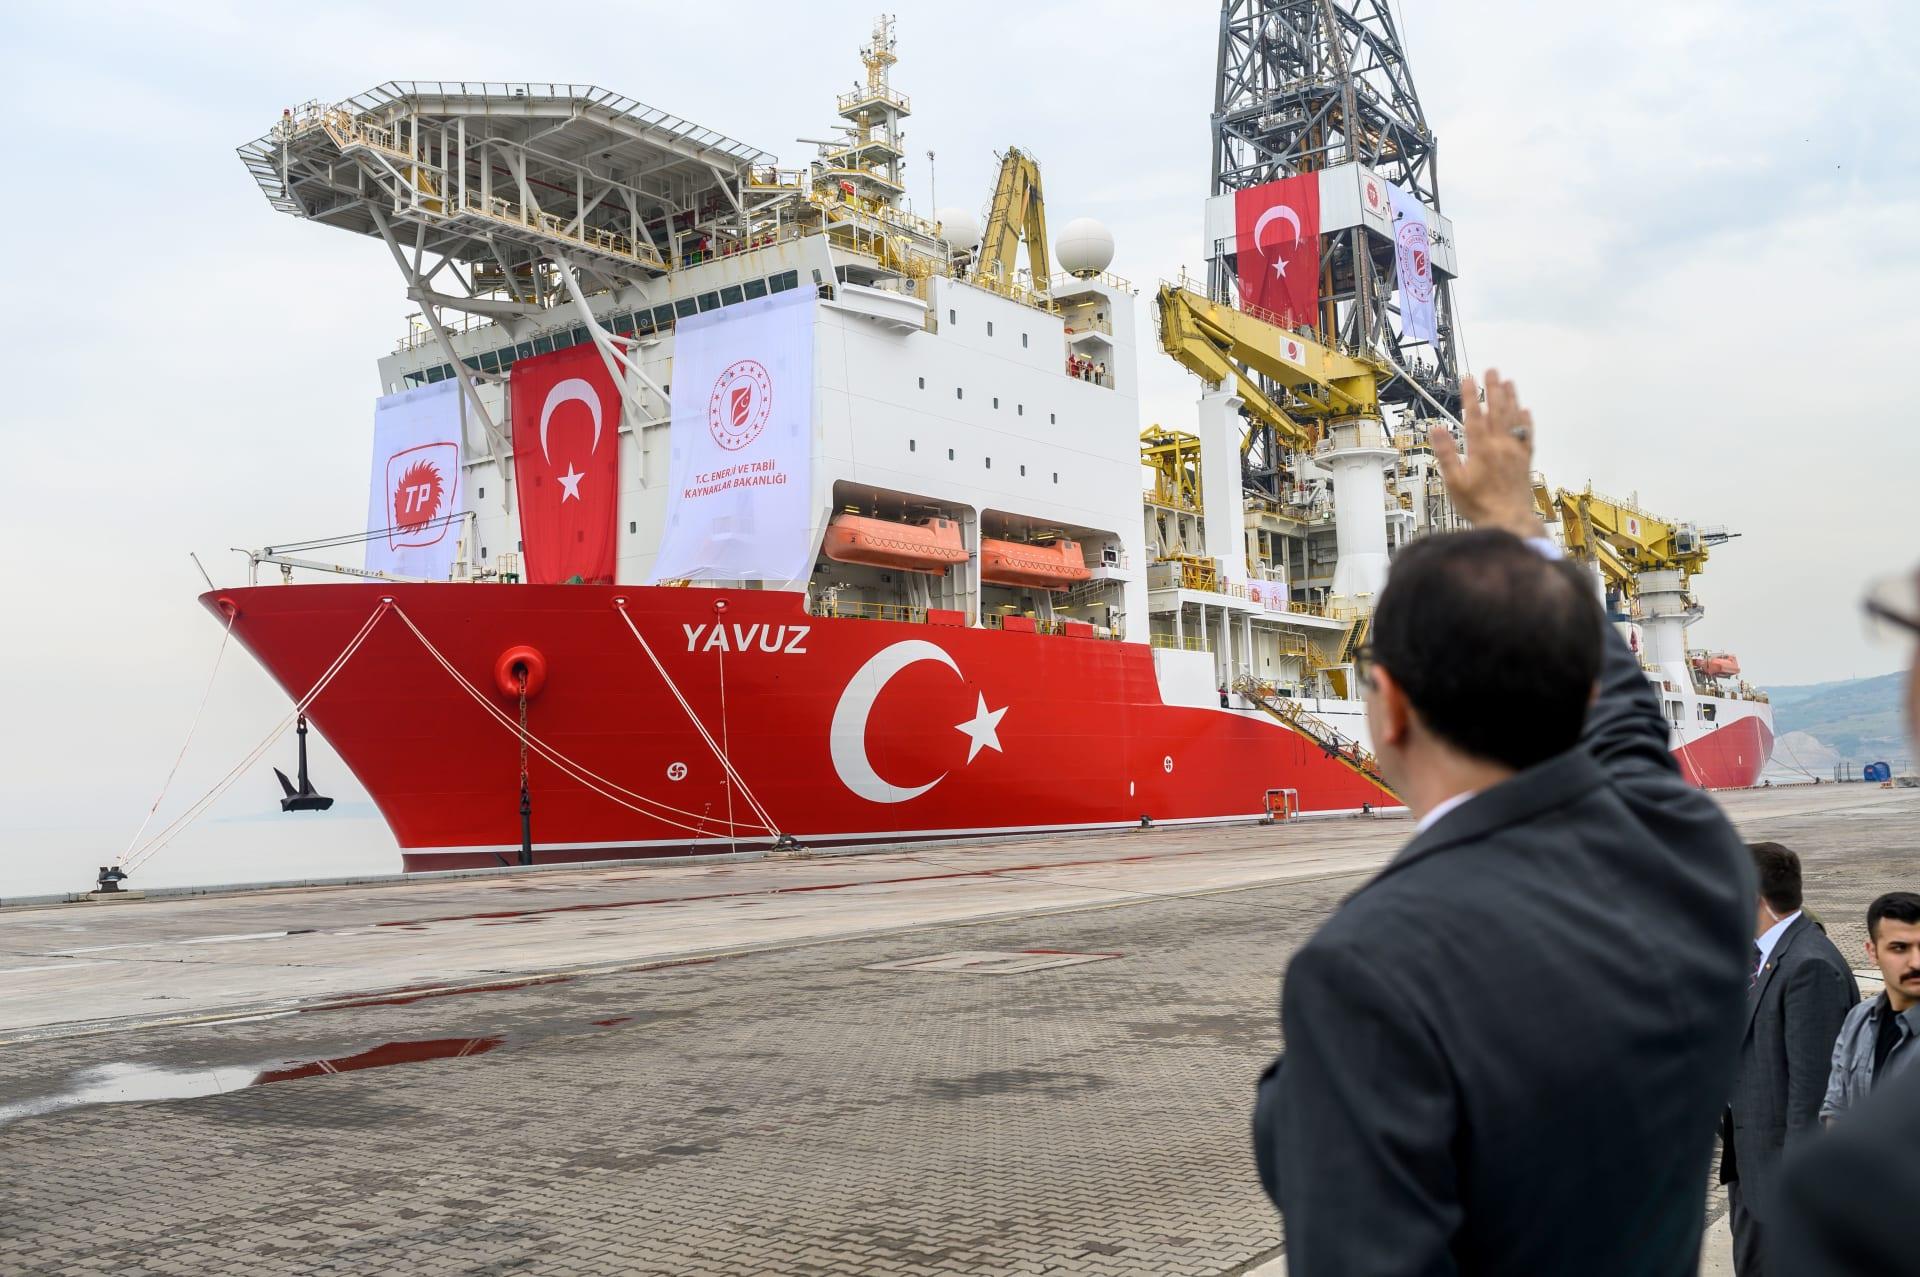 تركيا: مستعدون للحوار مع مصر لعقد اتفاقية تحديد المنطقة الاقتصادية بالبحر المتوسط